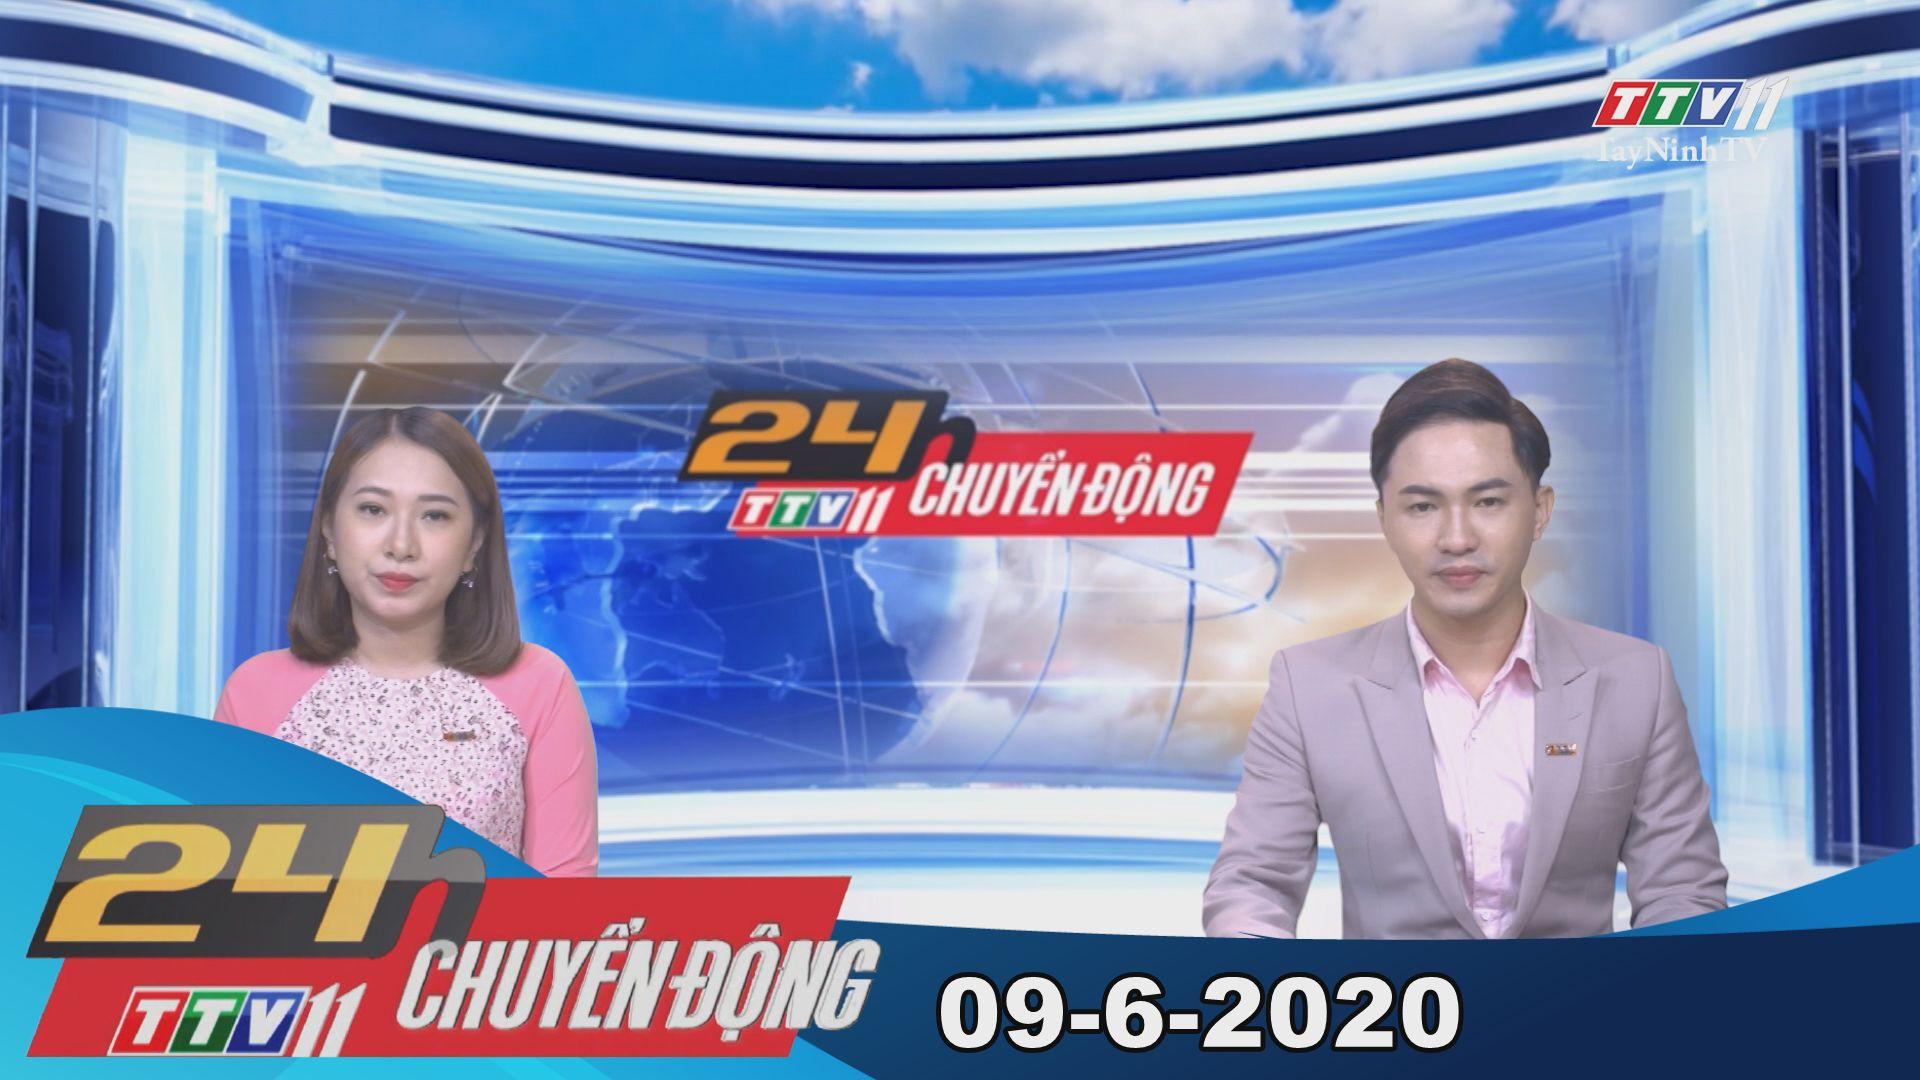 24h Chuyển động 09-6-2020 | Tin tức hôm nay | TayNinhTV